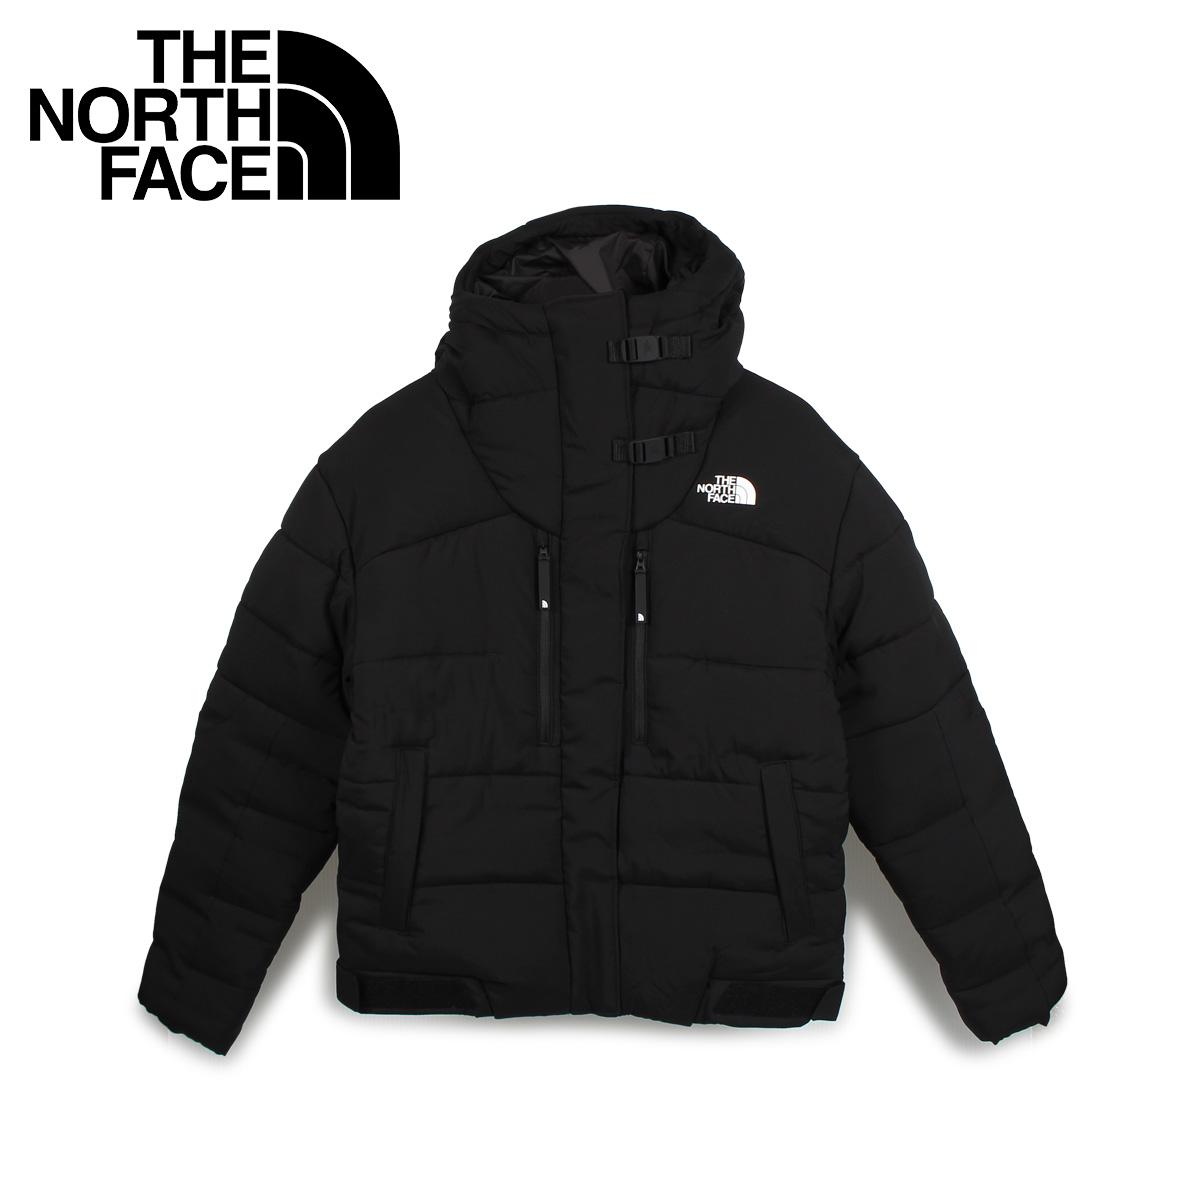 THE NORTH FACE WOMENS HIMALAYAN PUFFER JACKET ノースフェイス ジャケット マウンテンジャケット レディース ブラック 黒 T93Y26